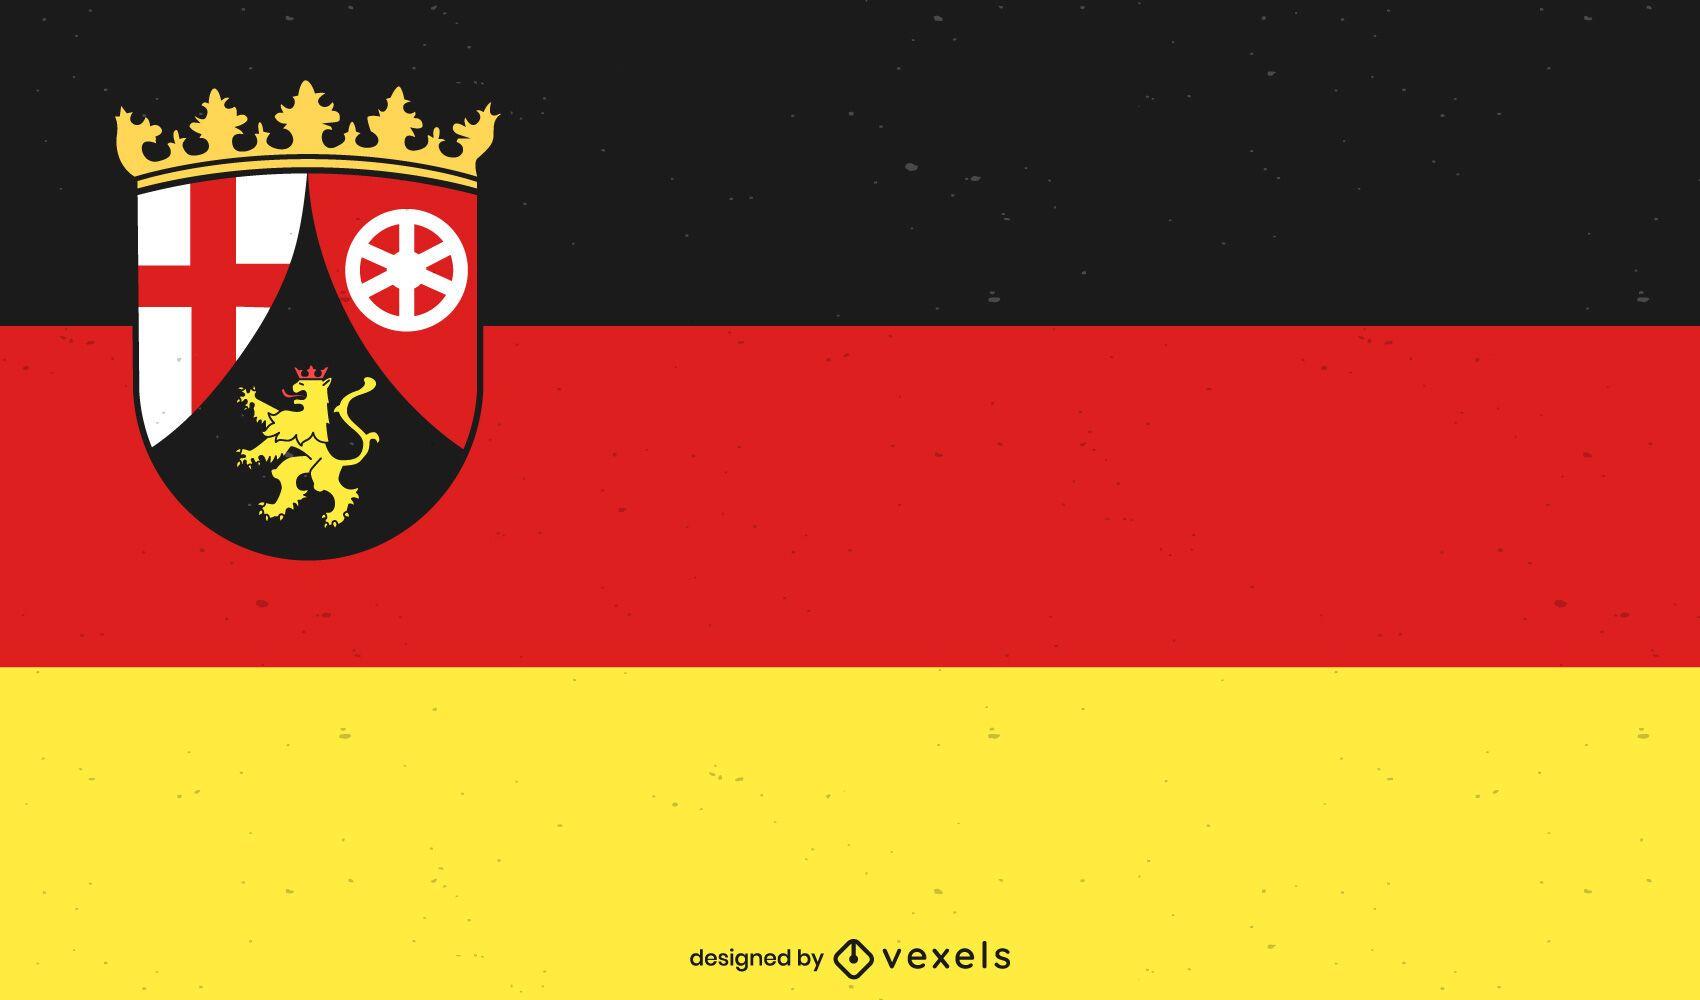 Diseño de la bandera del estado de Rheinland-Pfalz